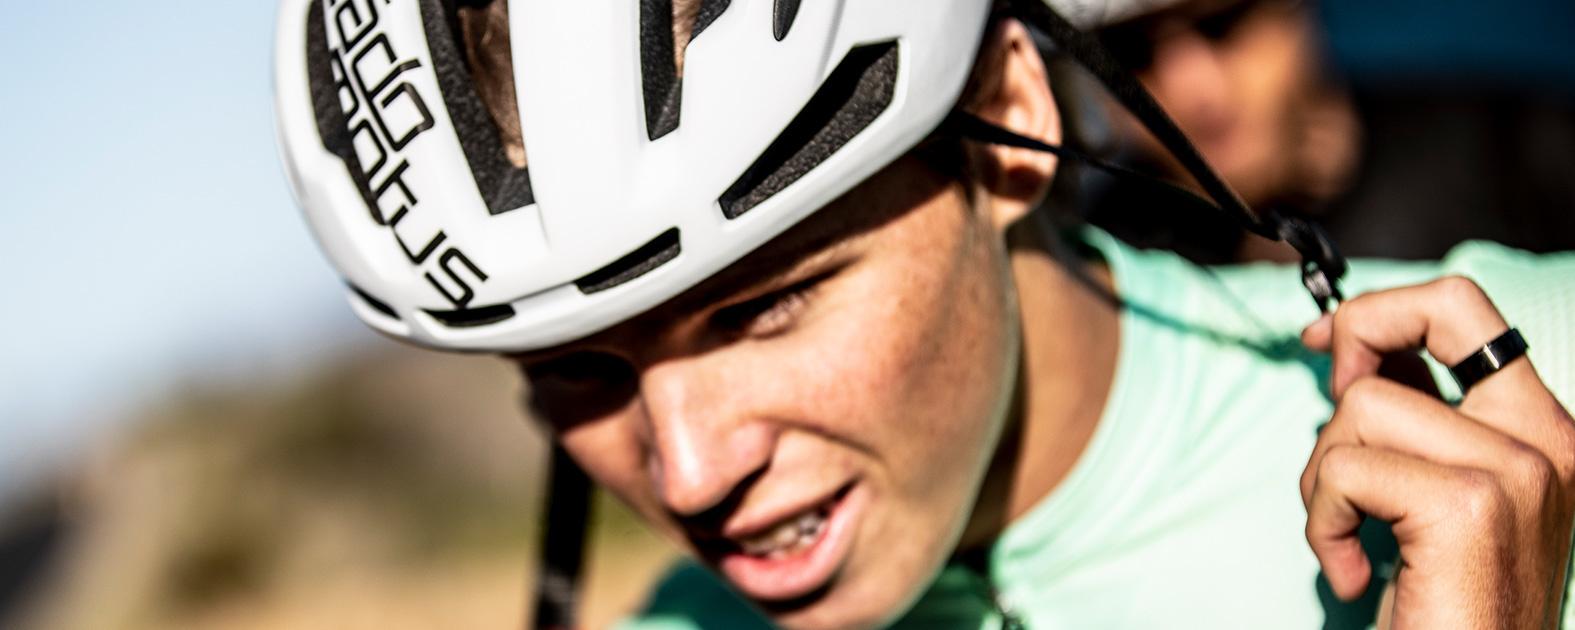 Jamie Riddle professional triathlete